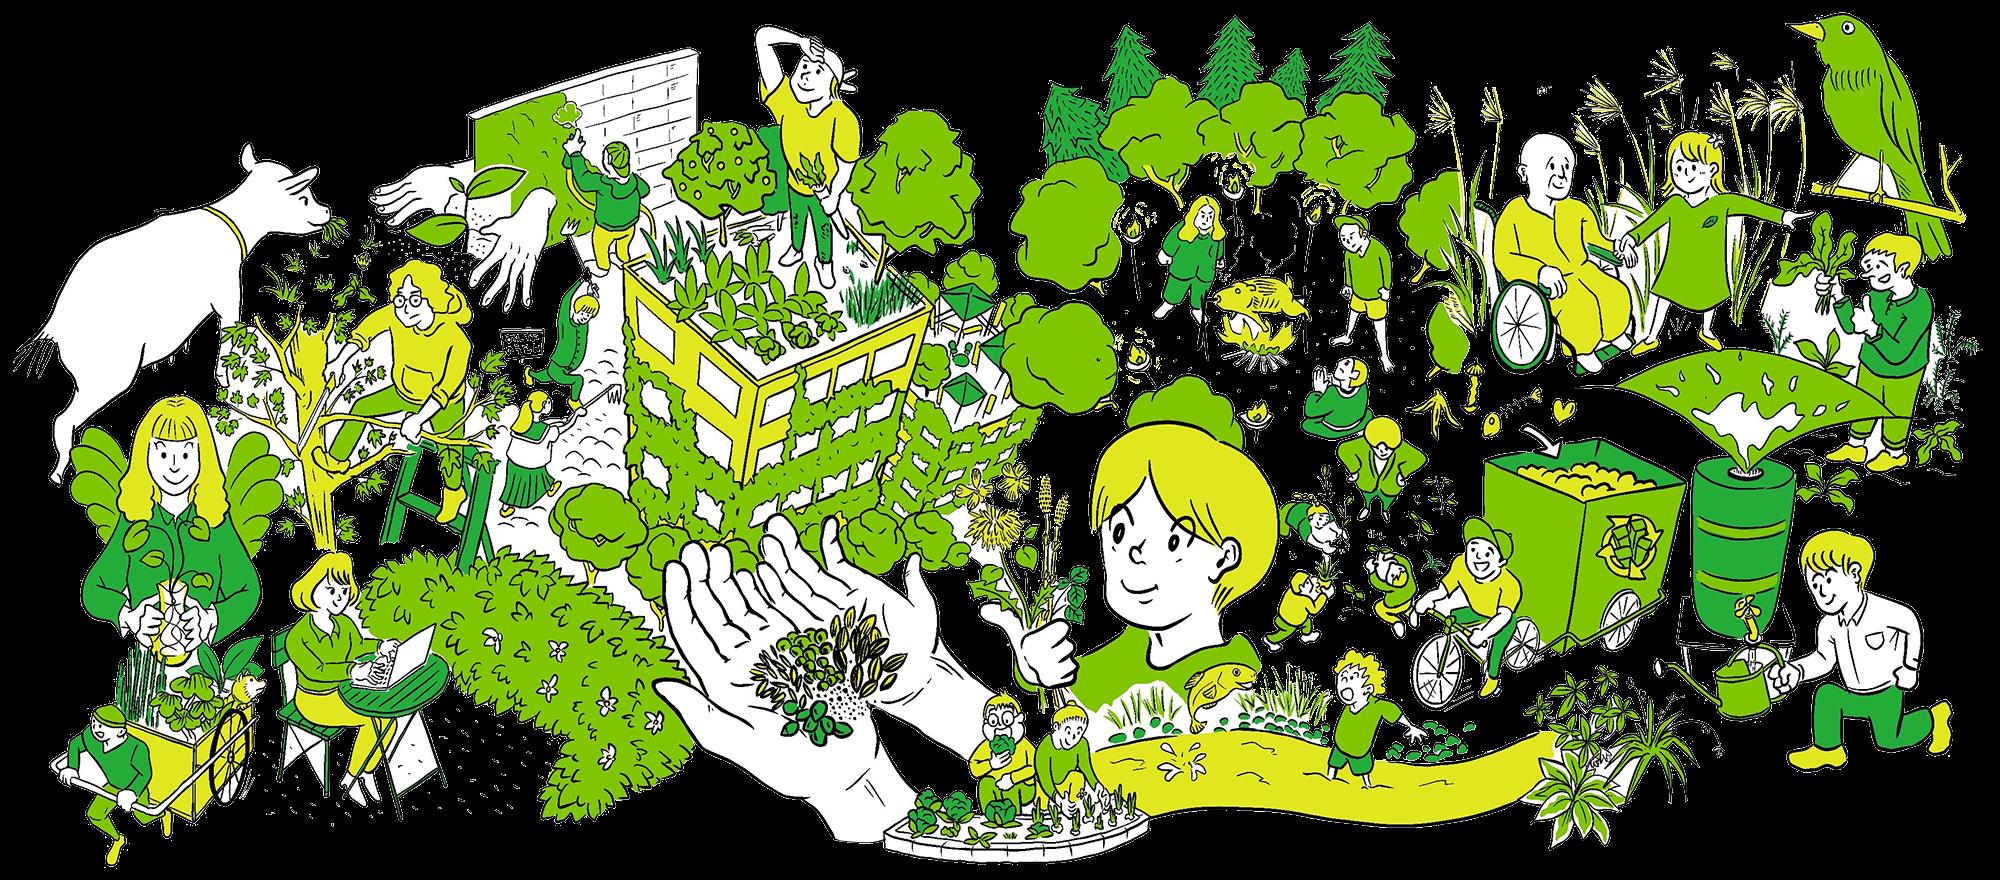 一般社団法人ソーシャルグリーンデザイン協会